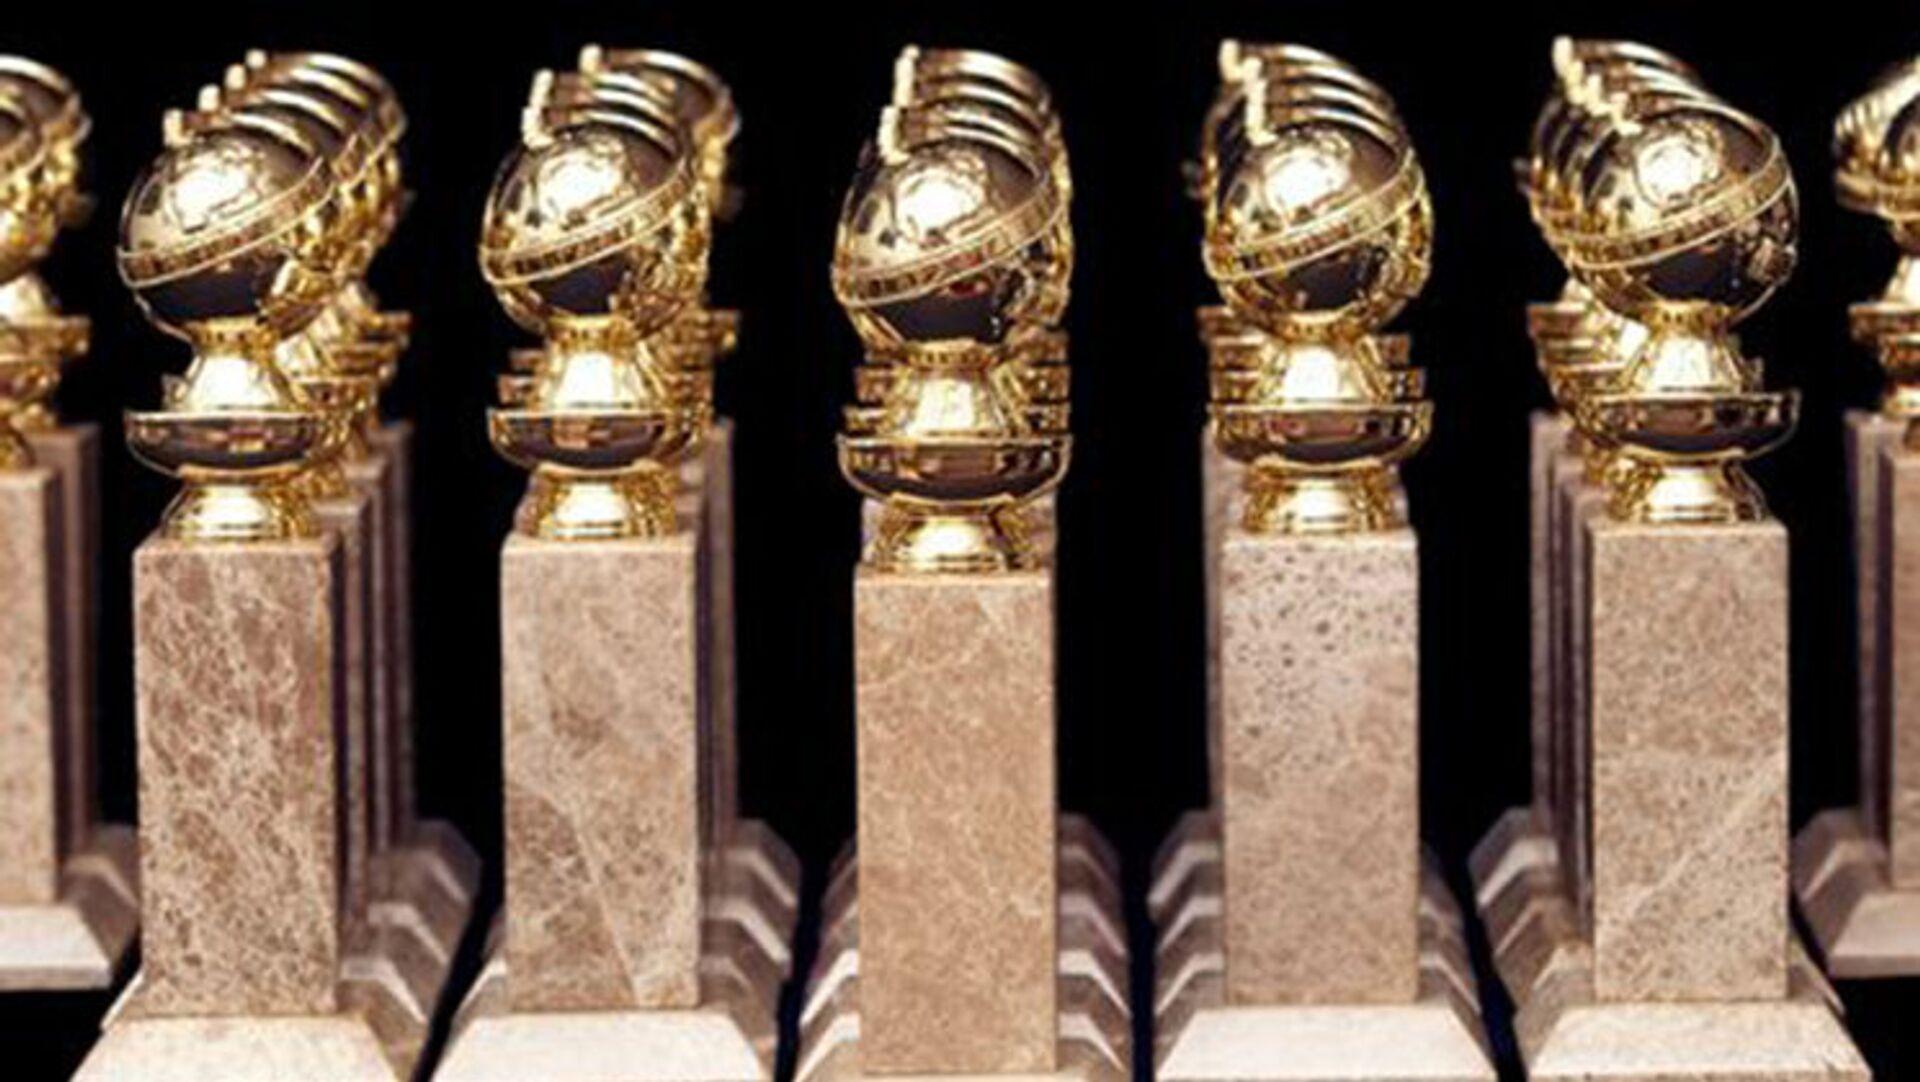 Американская премия Золотой глобус - РИА Новости, 1920, 03.02.2021